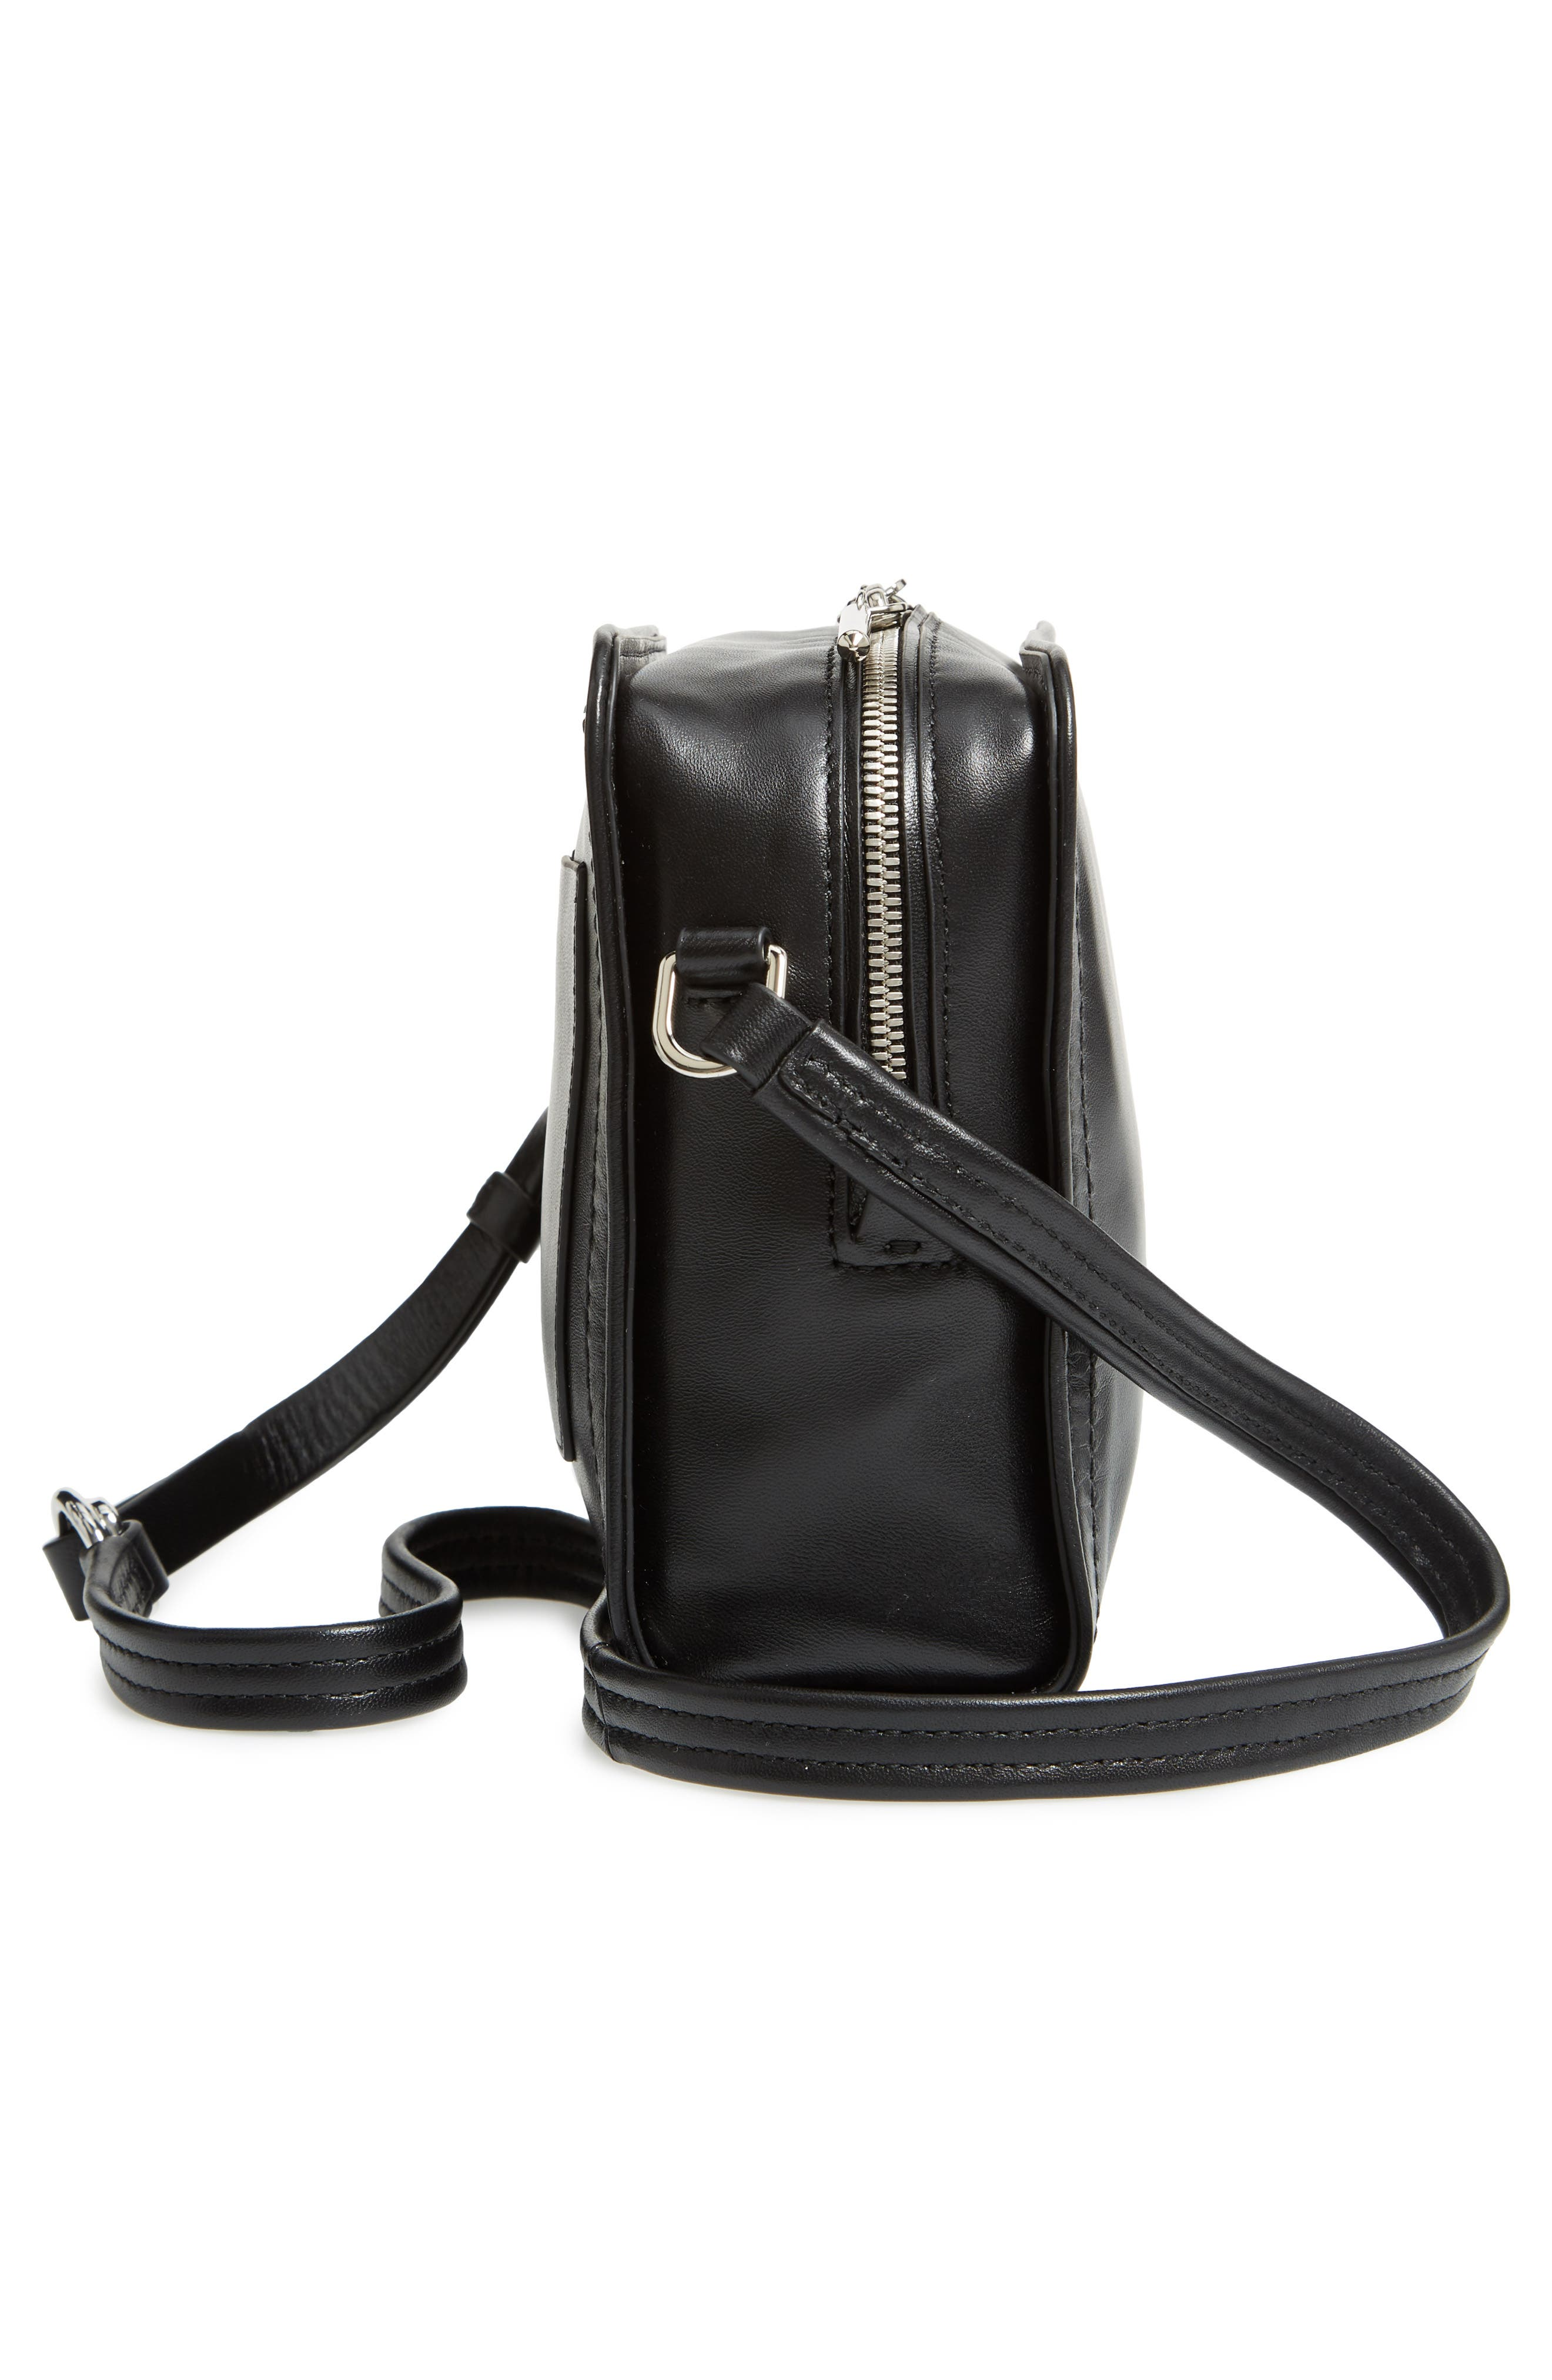 Hudson Mini Square Leather Crossbody Bag,                             Alternate thumbnail 5, color,                             001